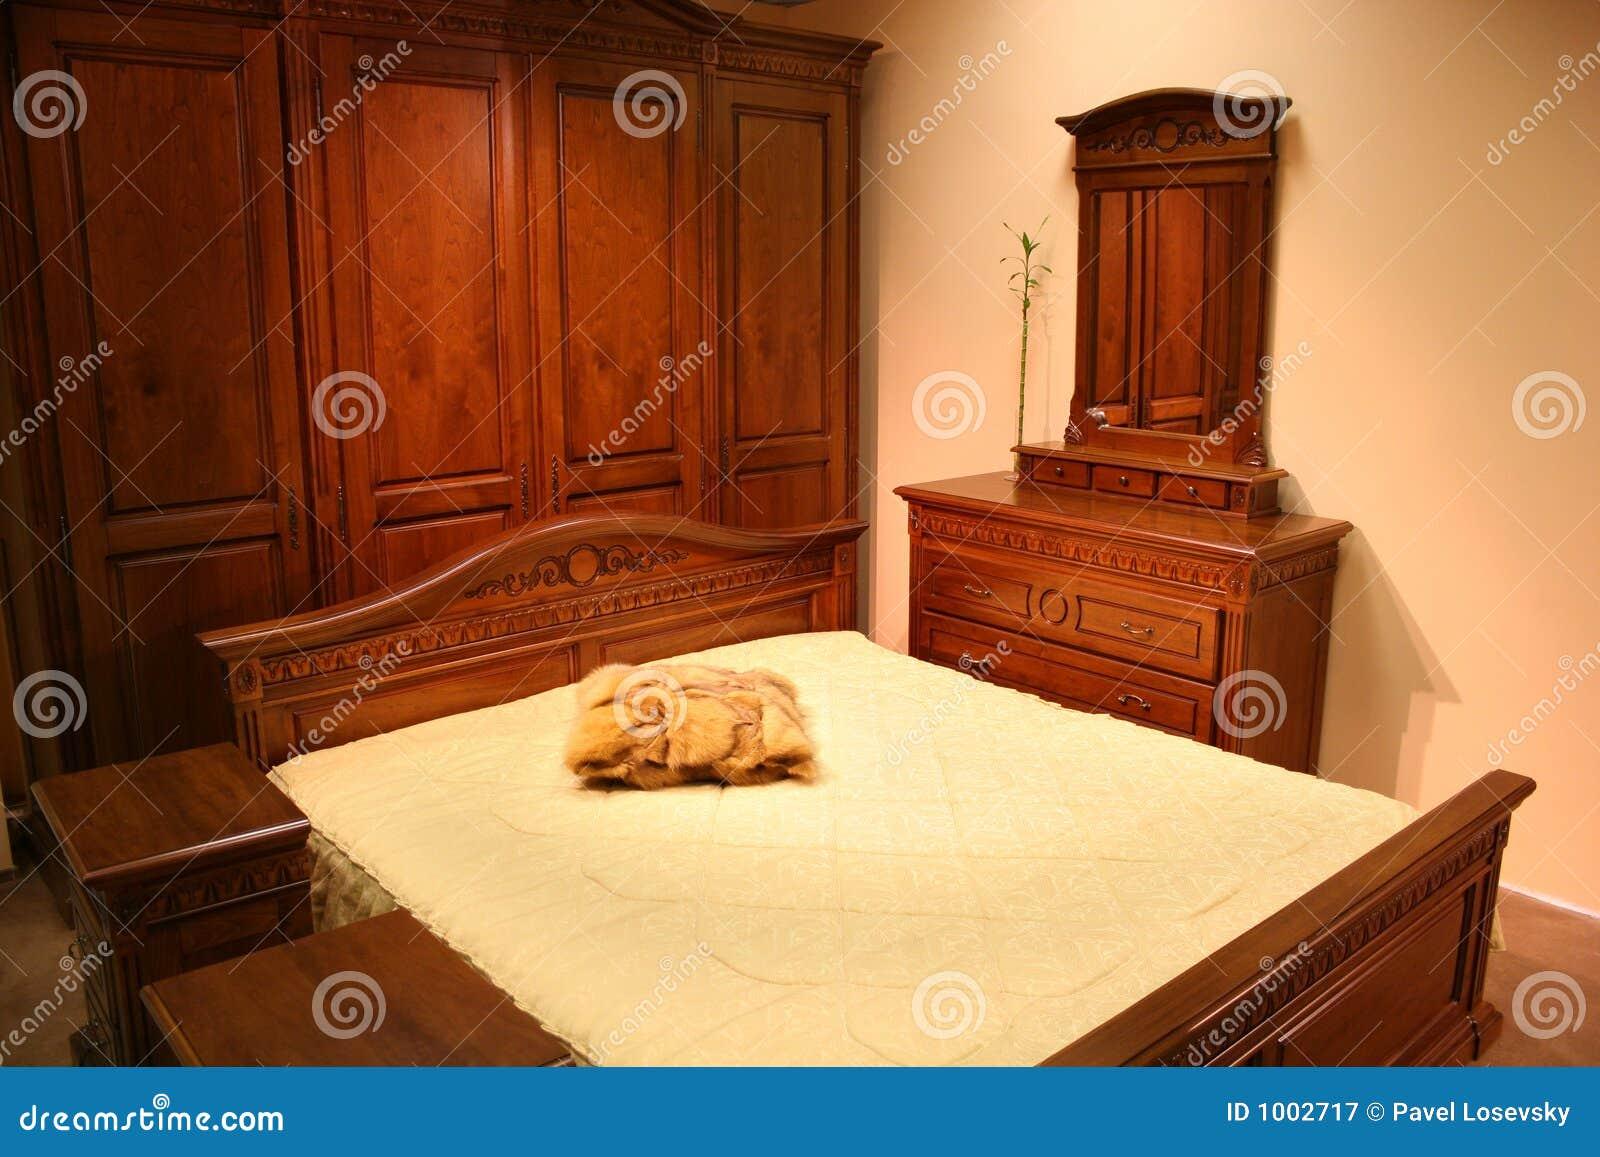 chambre coucher en bois rouge image stock image 1002717